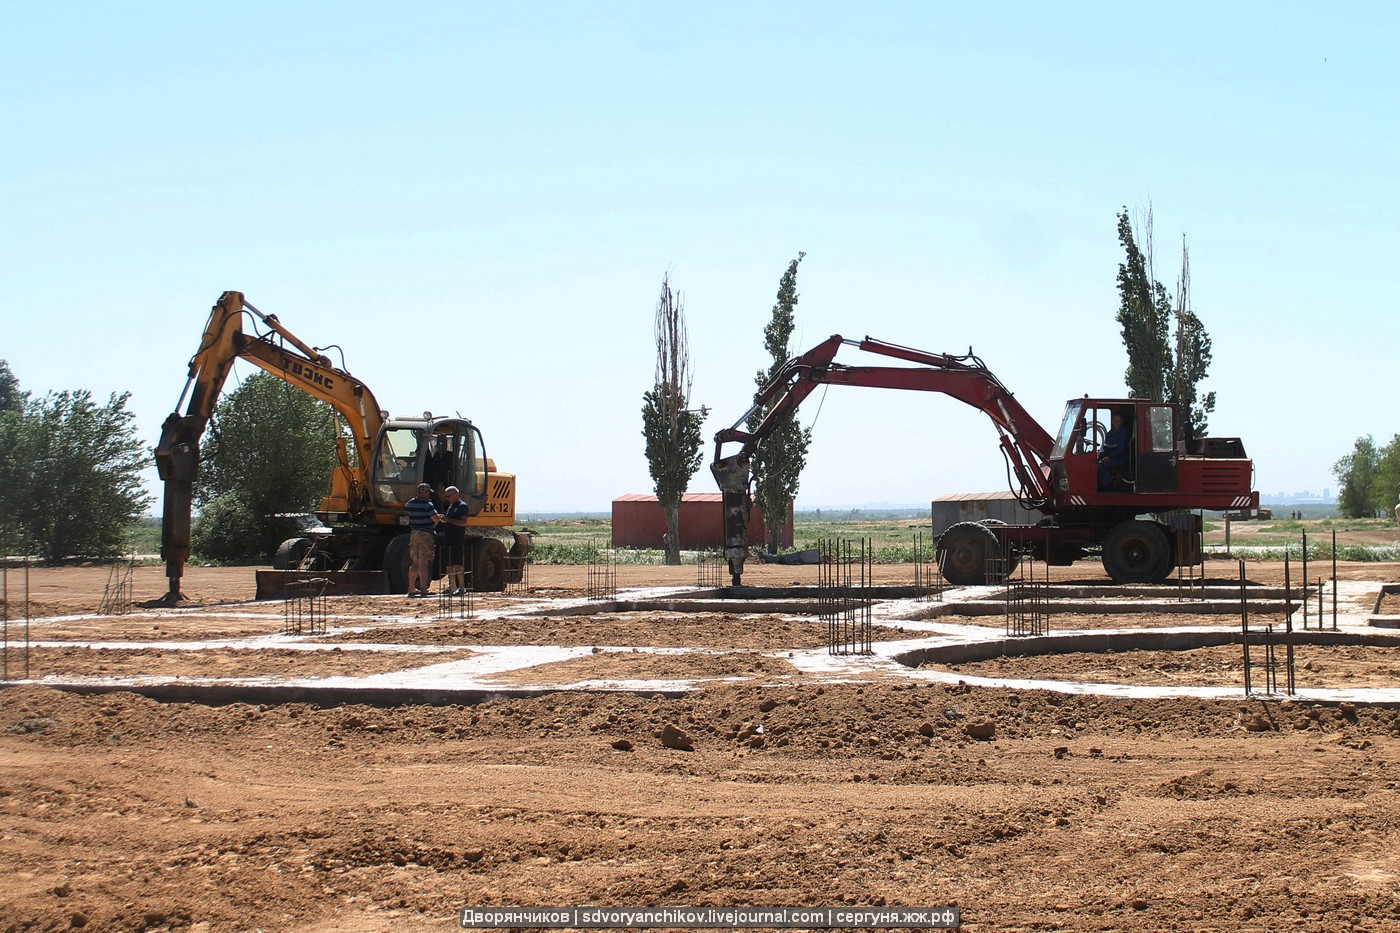 Подготовка к установке нового Колеса обозрения в парке Волжский идёт полным ходом. Фото 26 мая 2018